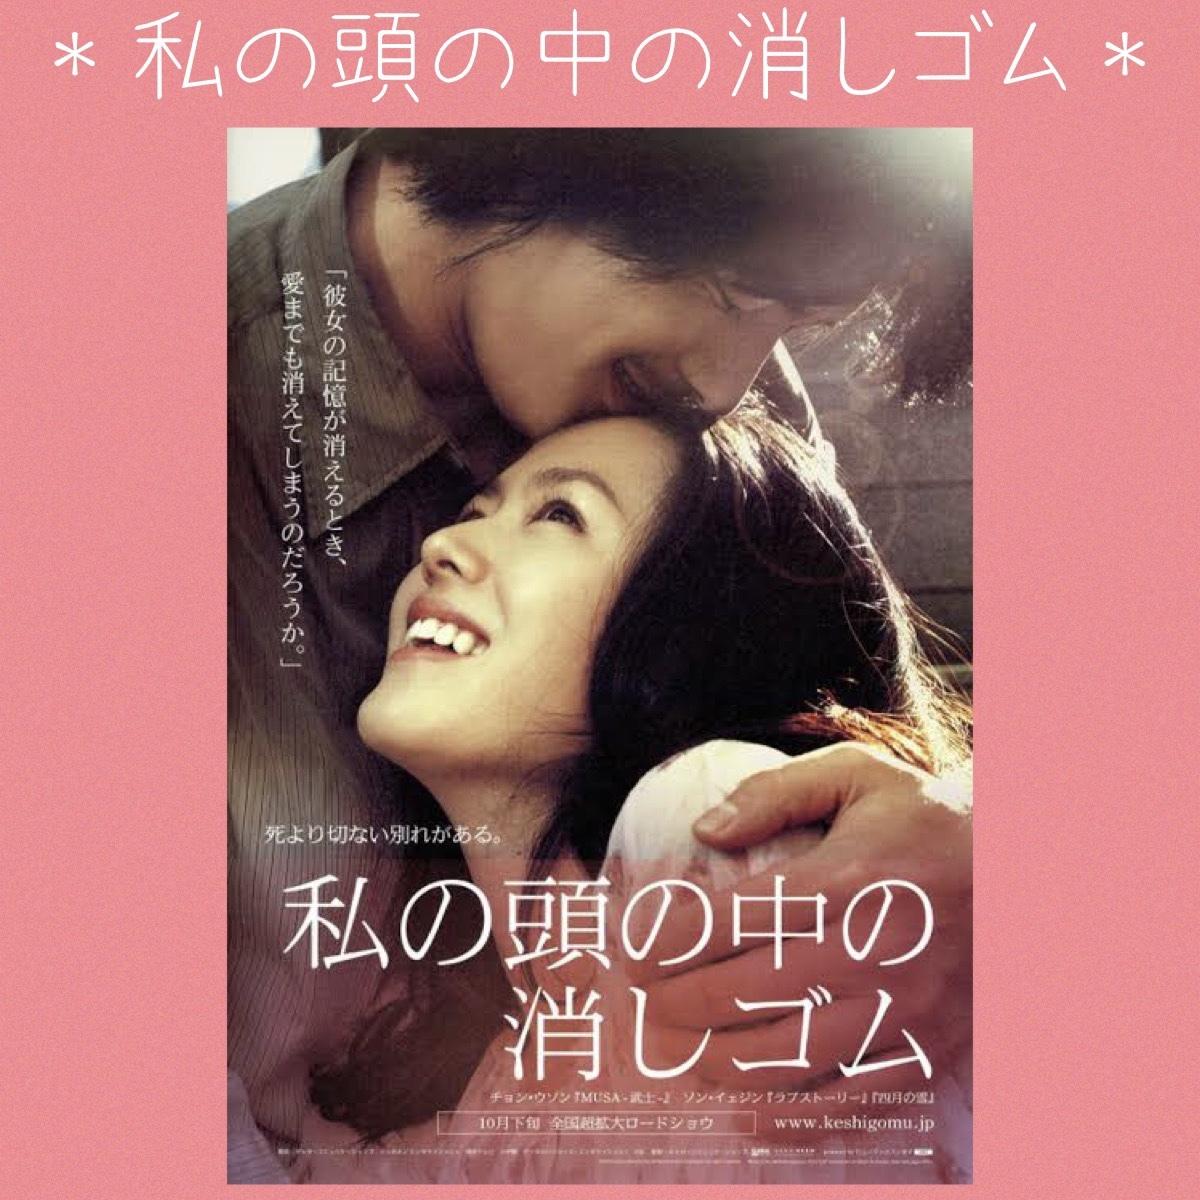 【映画】映画好きが超おすすめする恋愛映画!!_1_5